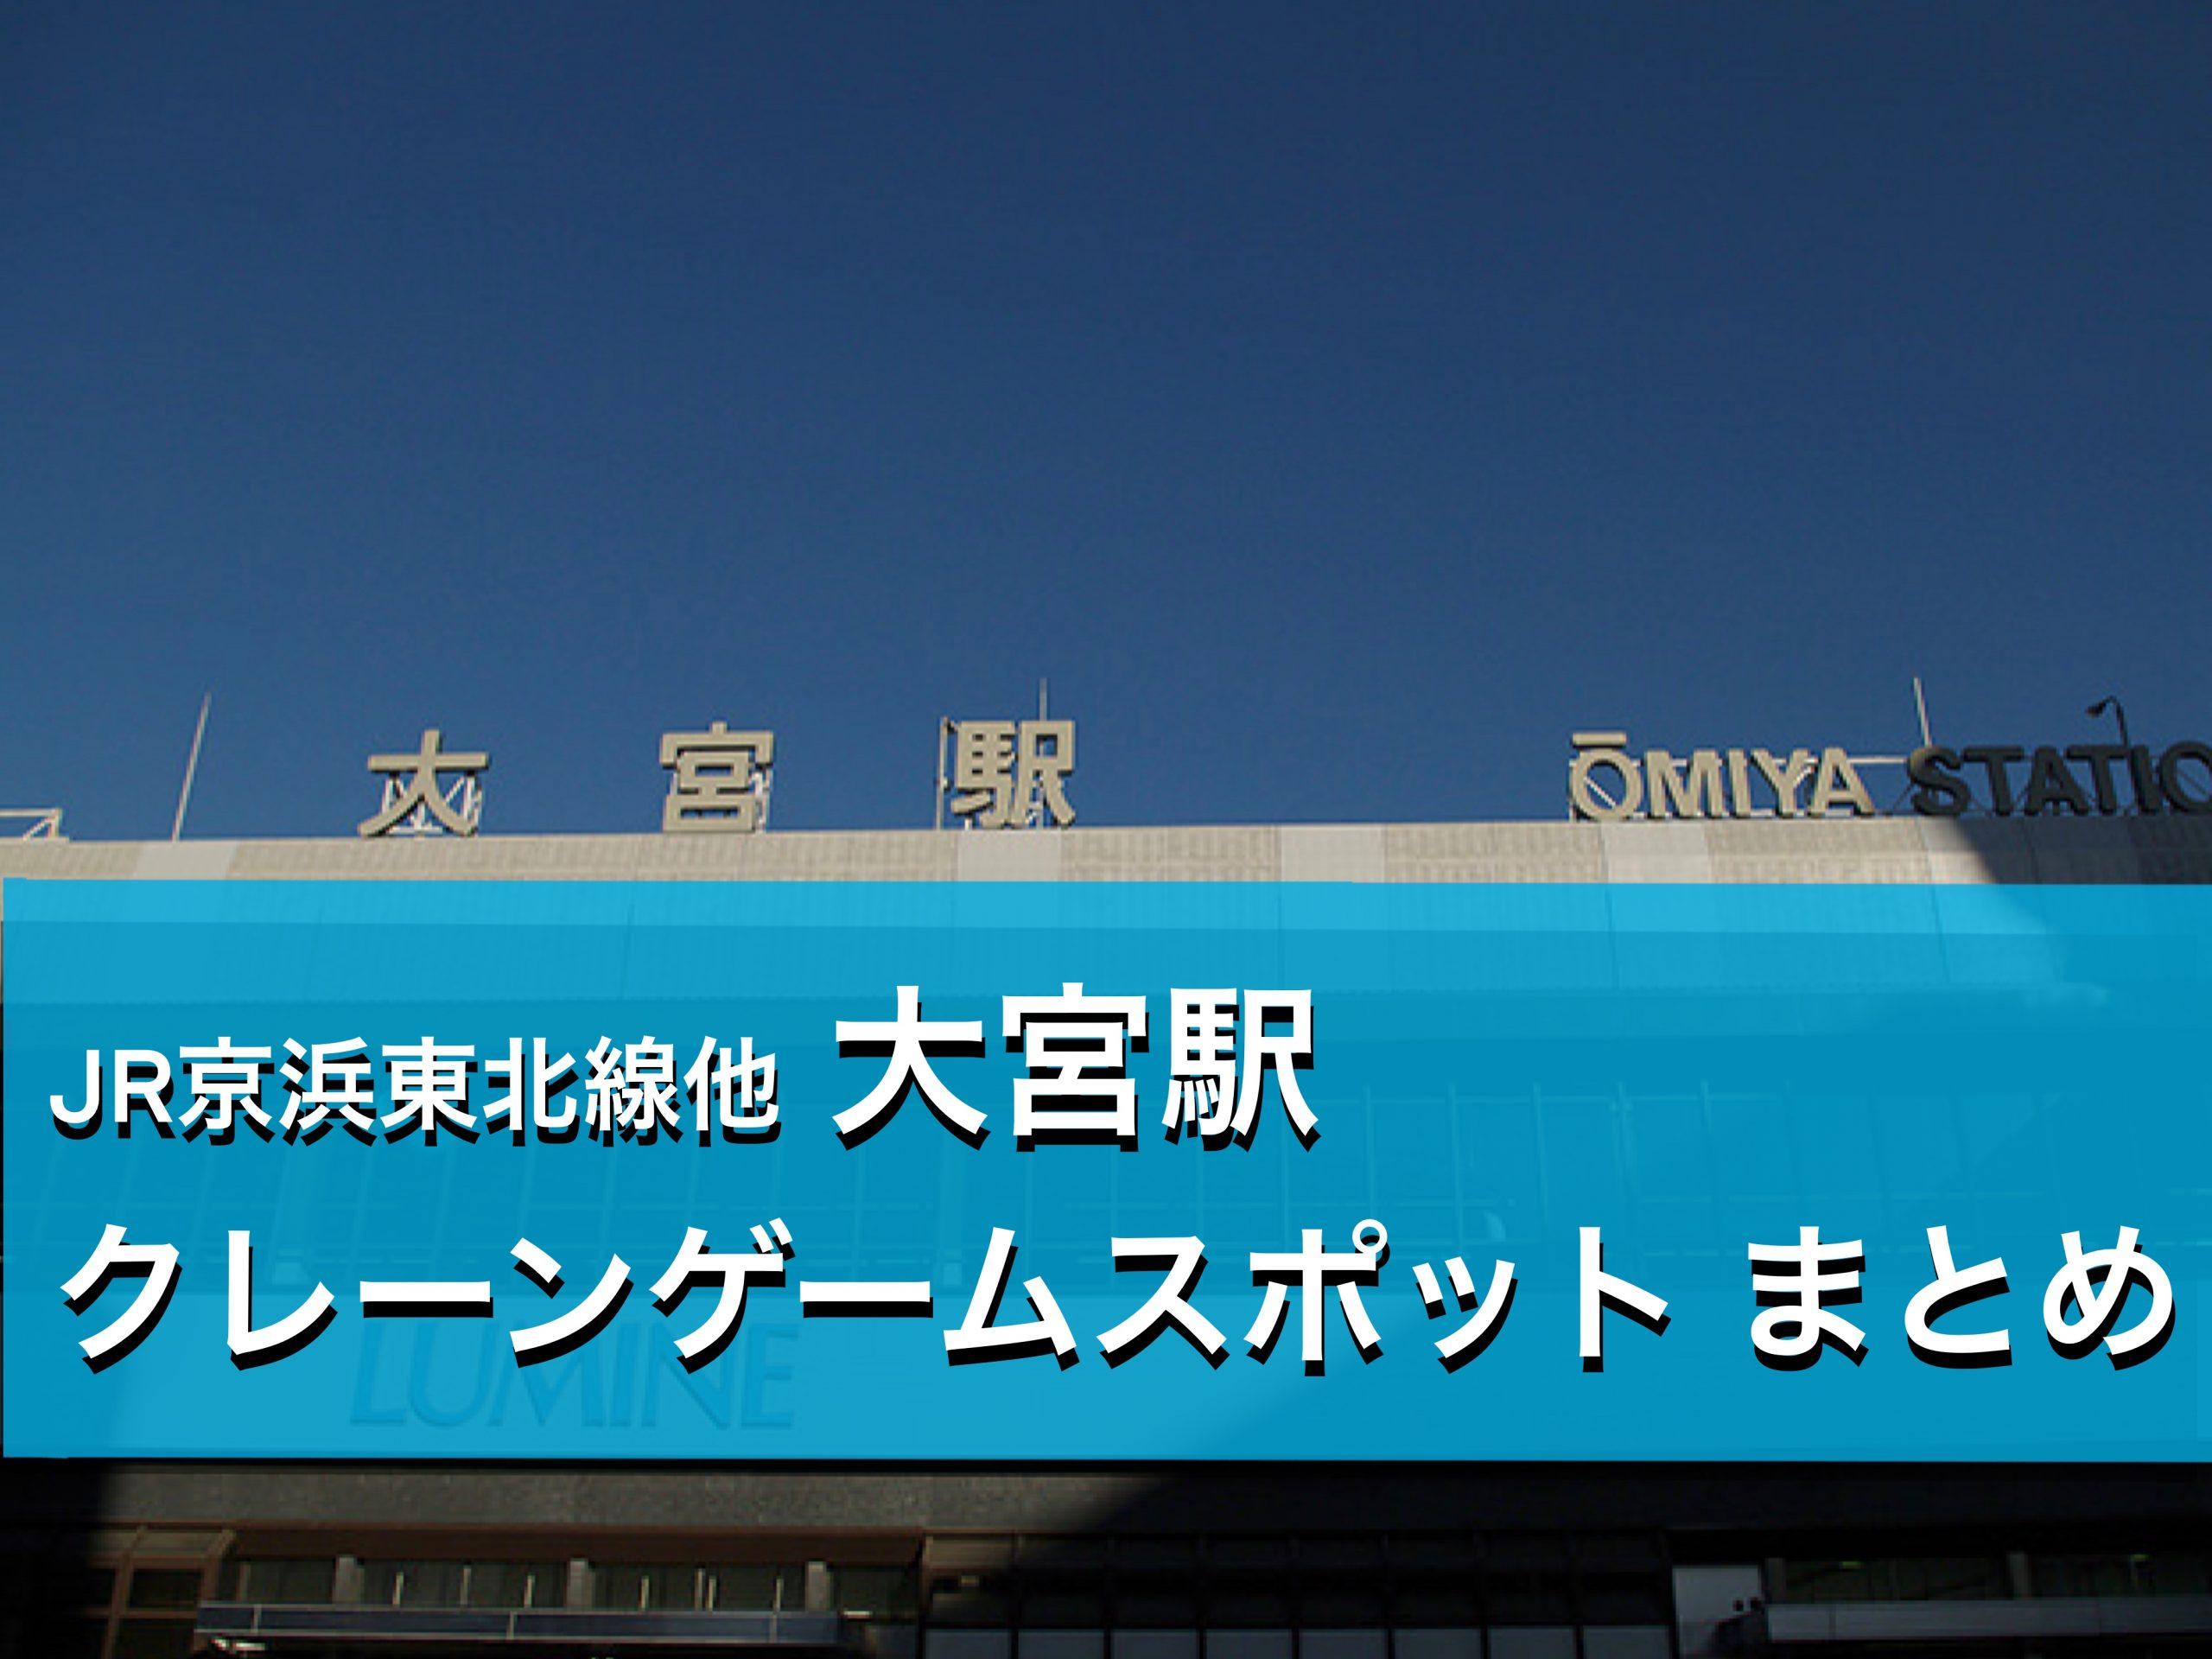 【大宮駅】クレーンゲームができる場所